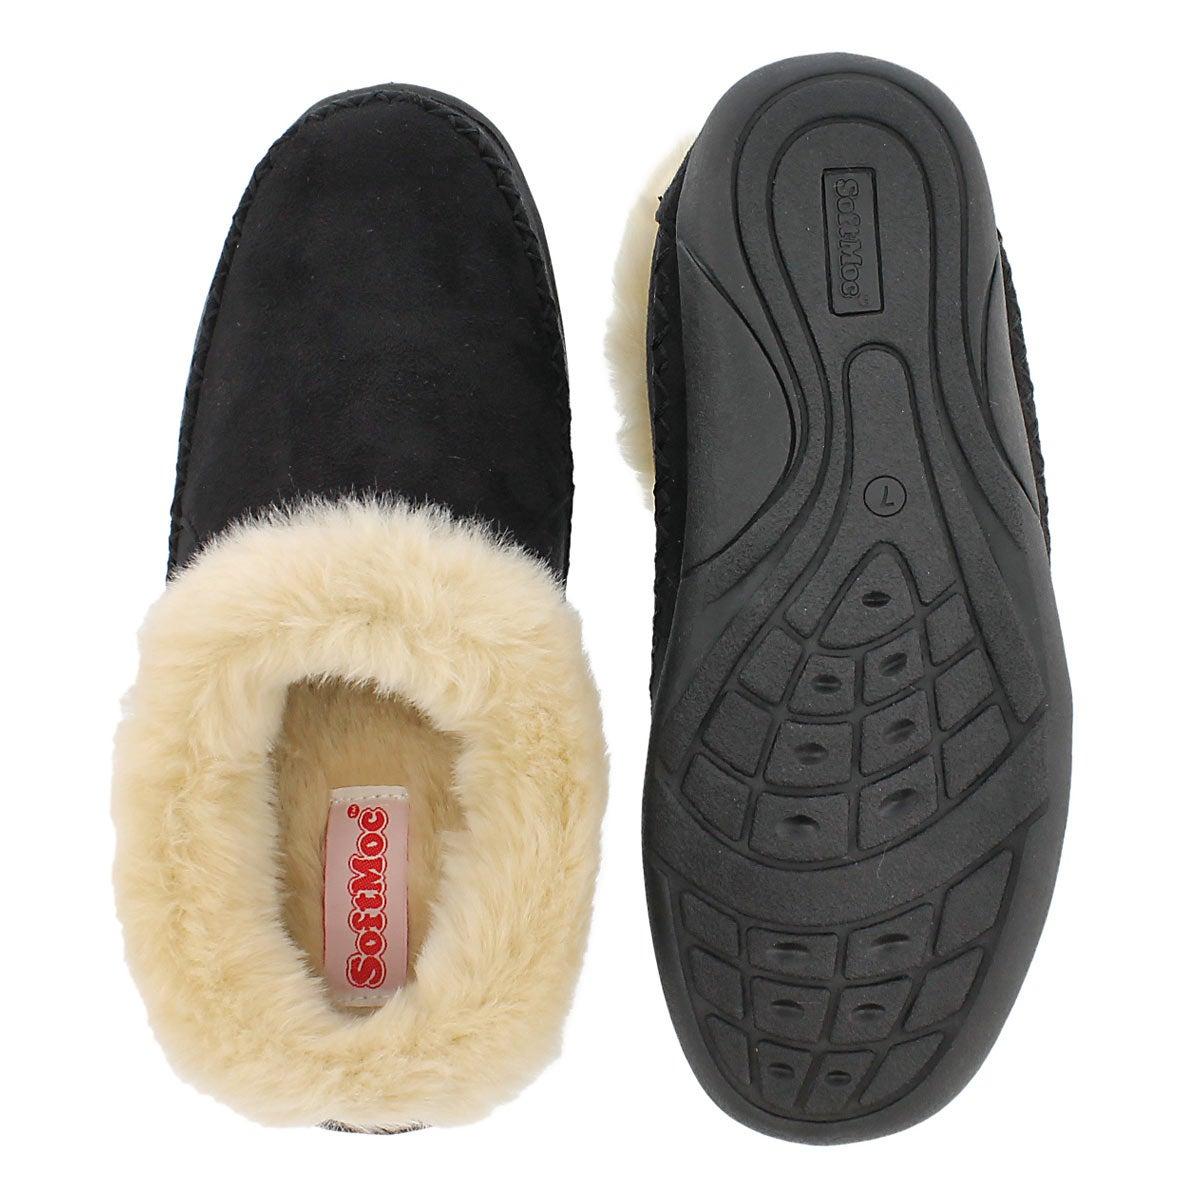 Lds Shae black slip on bootie